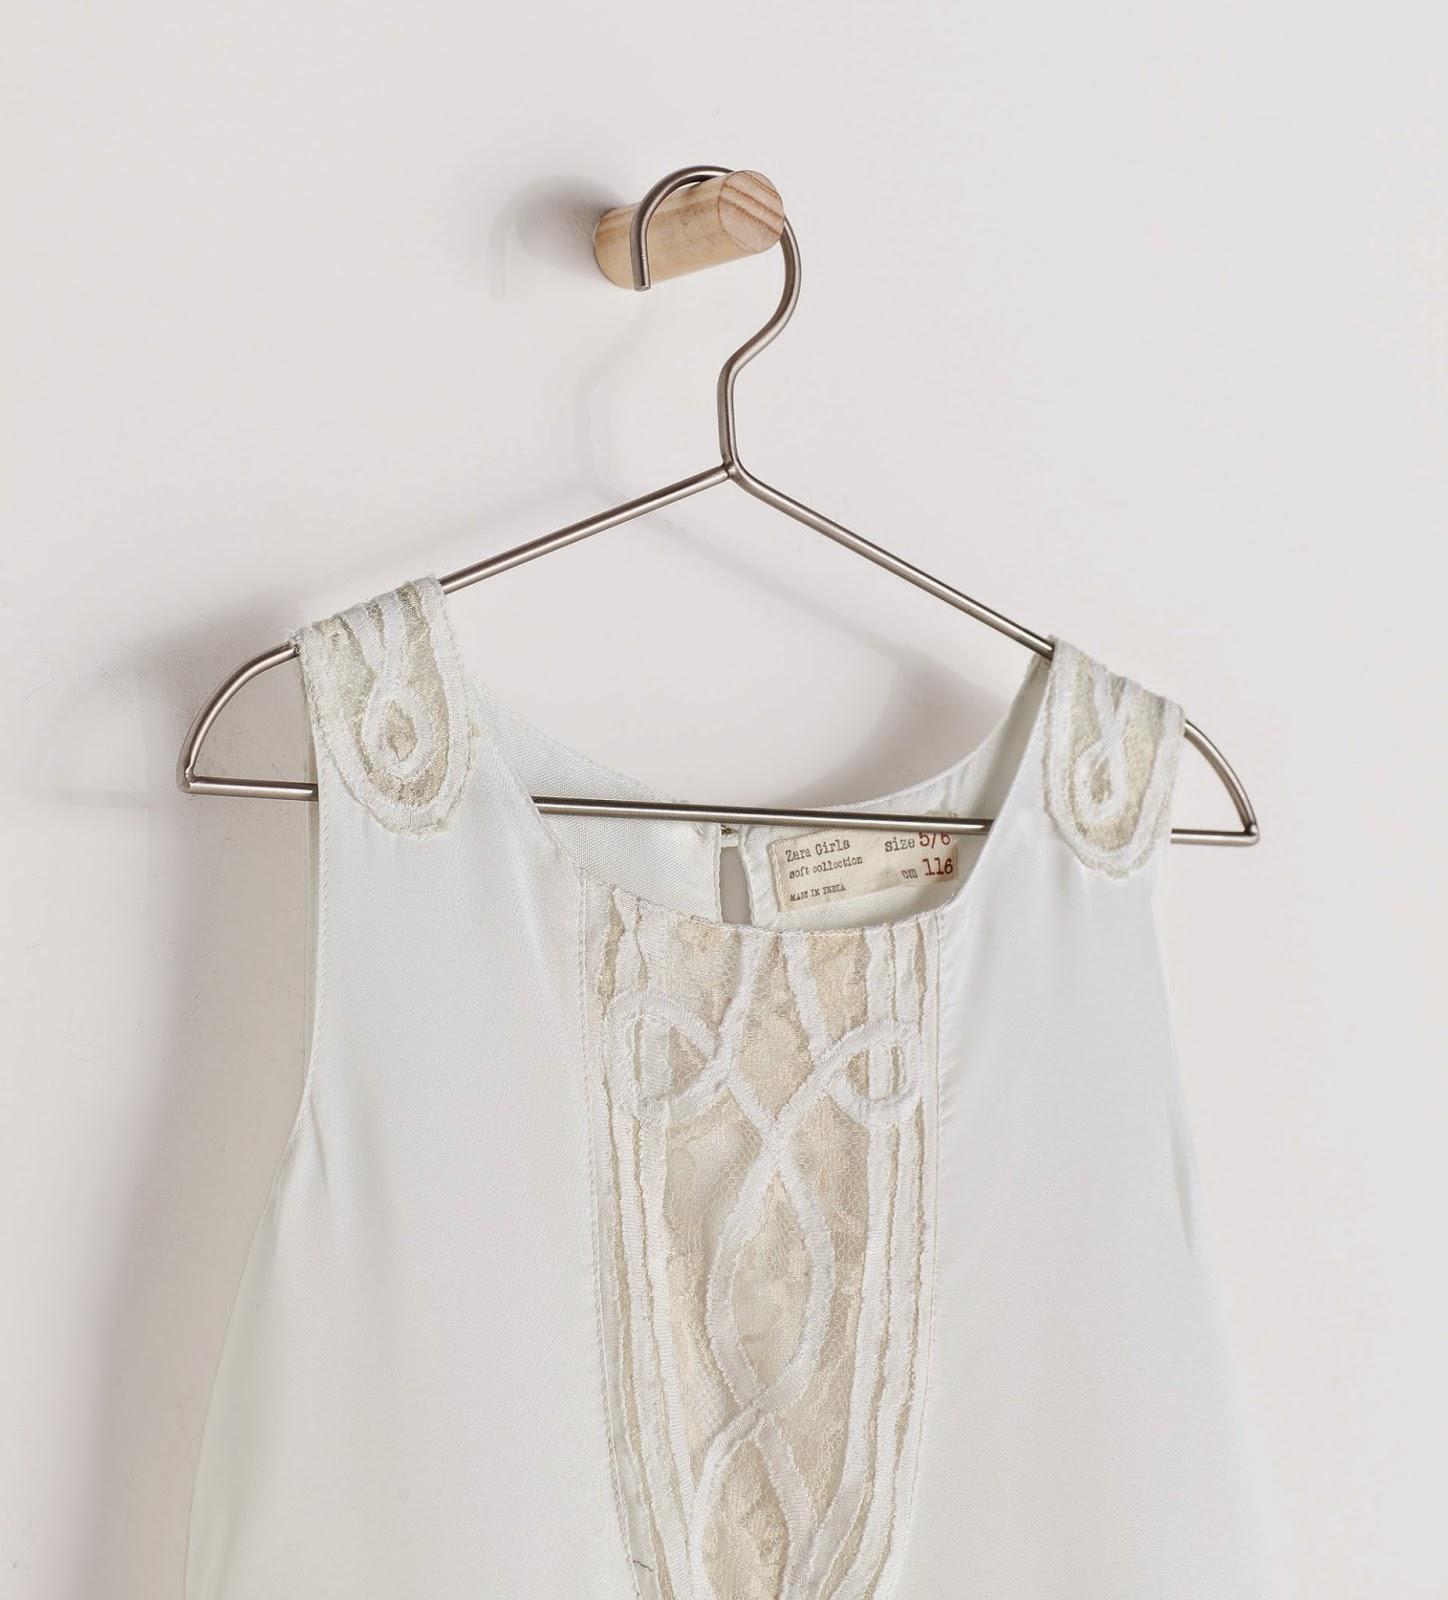 Bajo falda morenita con culito - 2 part 3